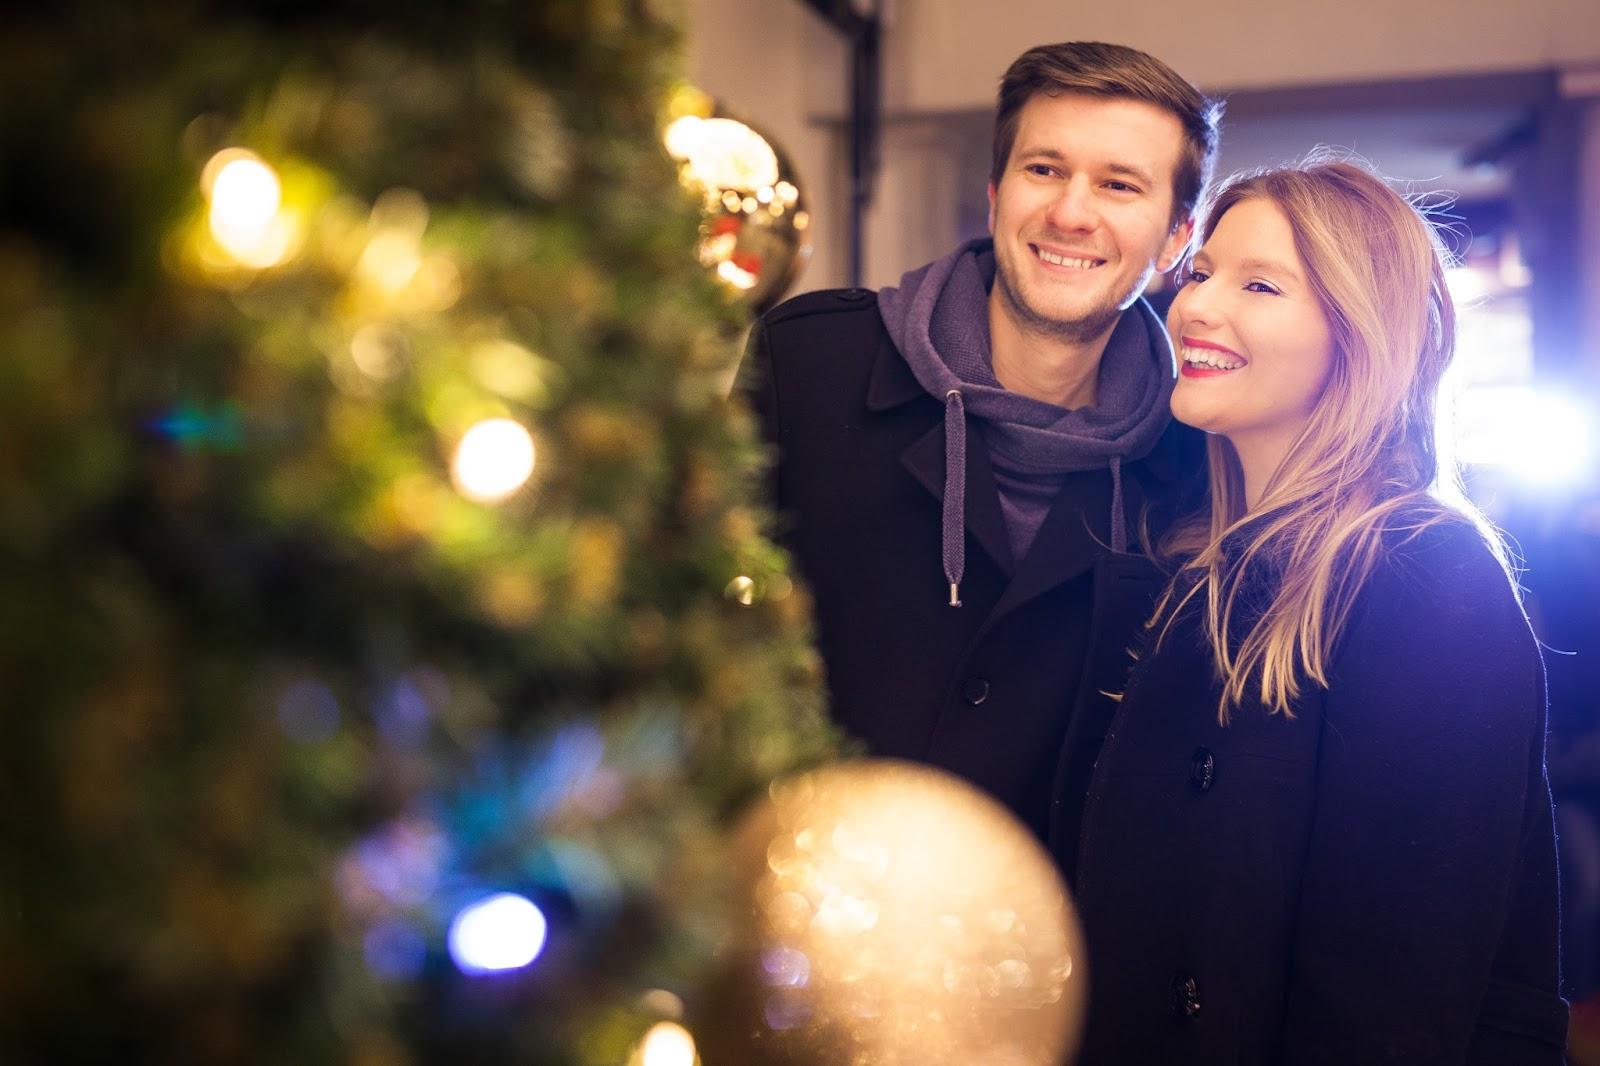 1 jakub0107 fotograf fotografia świąteczne sesje zdjęciowe melodylaniella zima christmas photography blog lifestyle